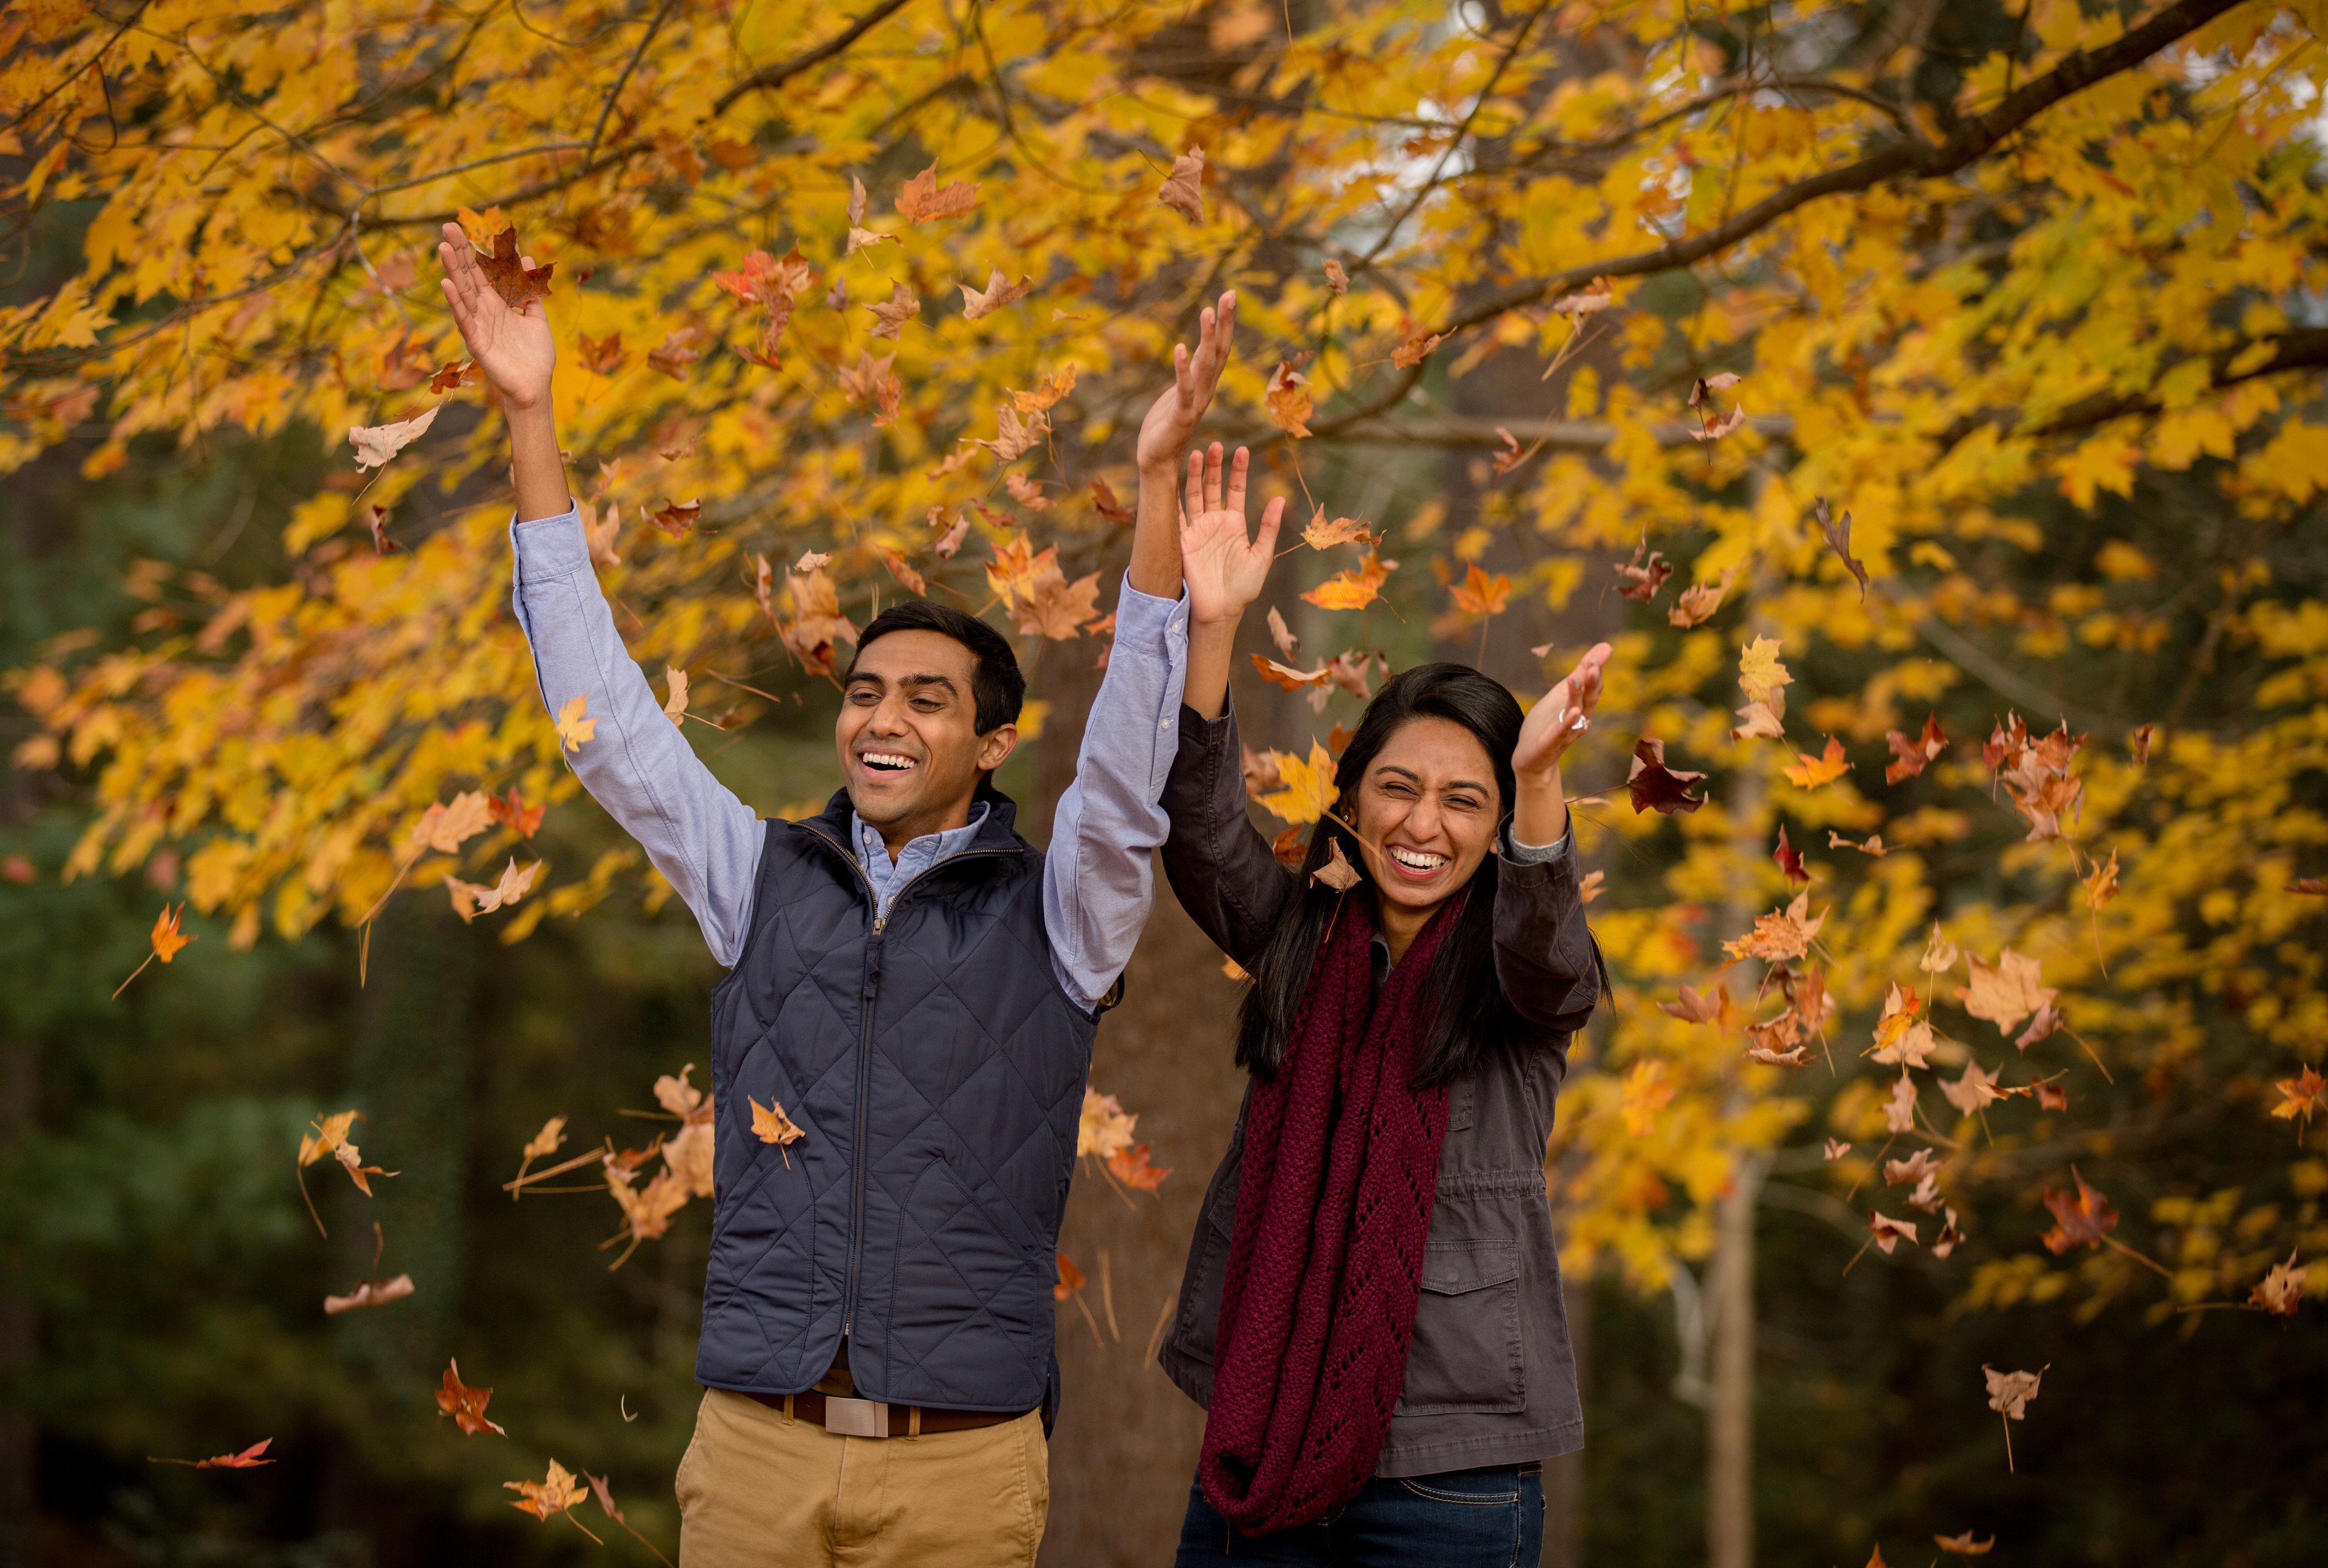 fall photos at biltmore